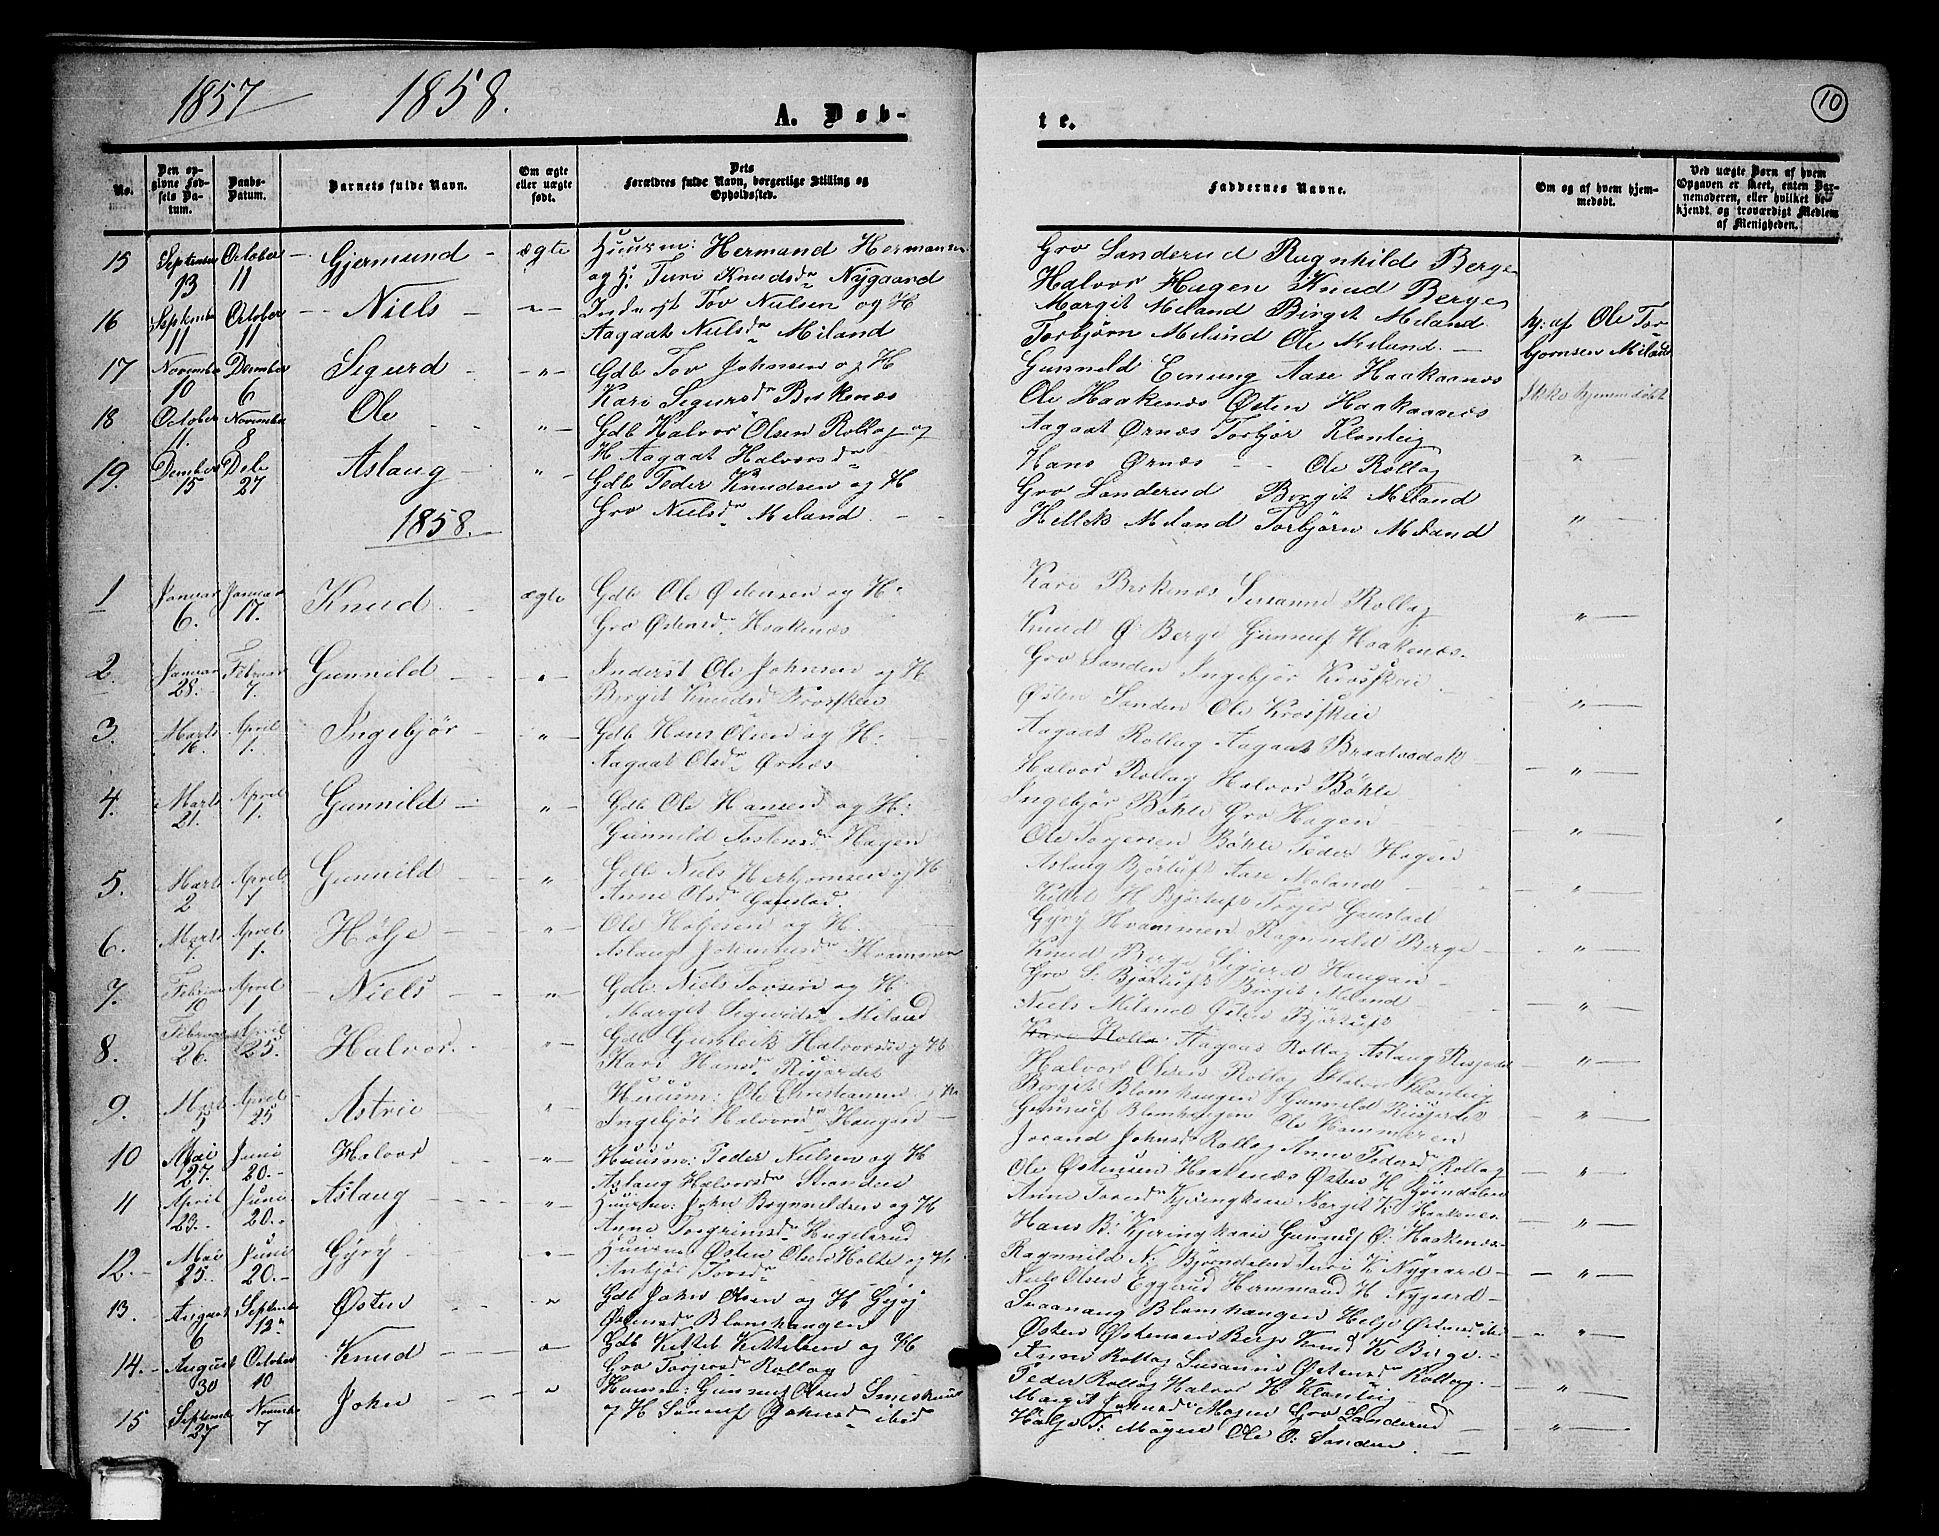 SAKO, Tinn kirkebøker, G/Gb/L0002: Klokkerbok nr. II 2, 1851-1886, s. 10